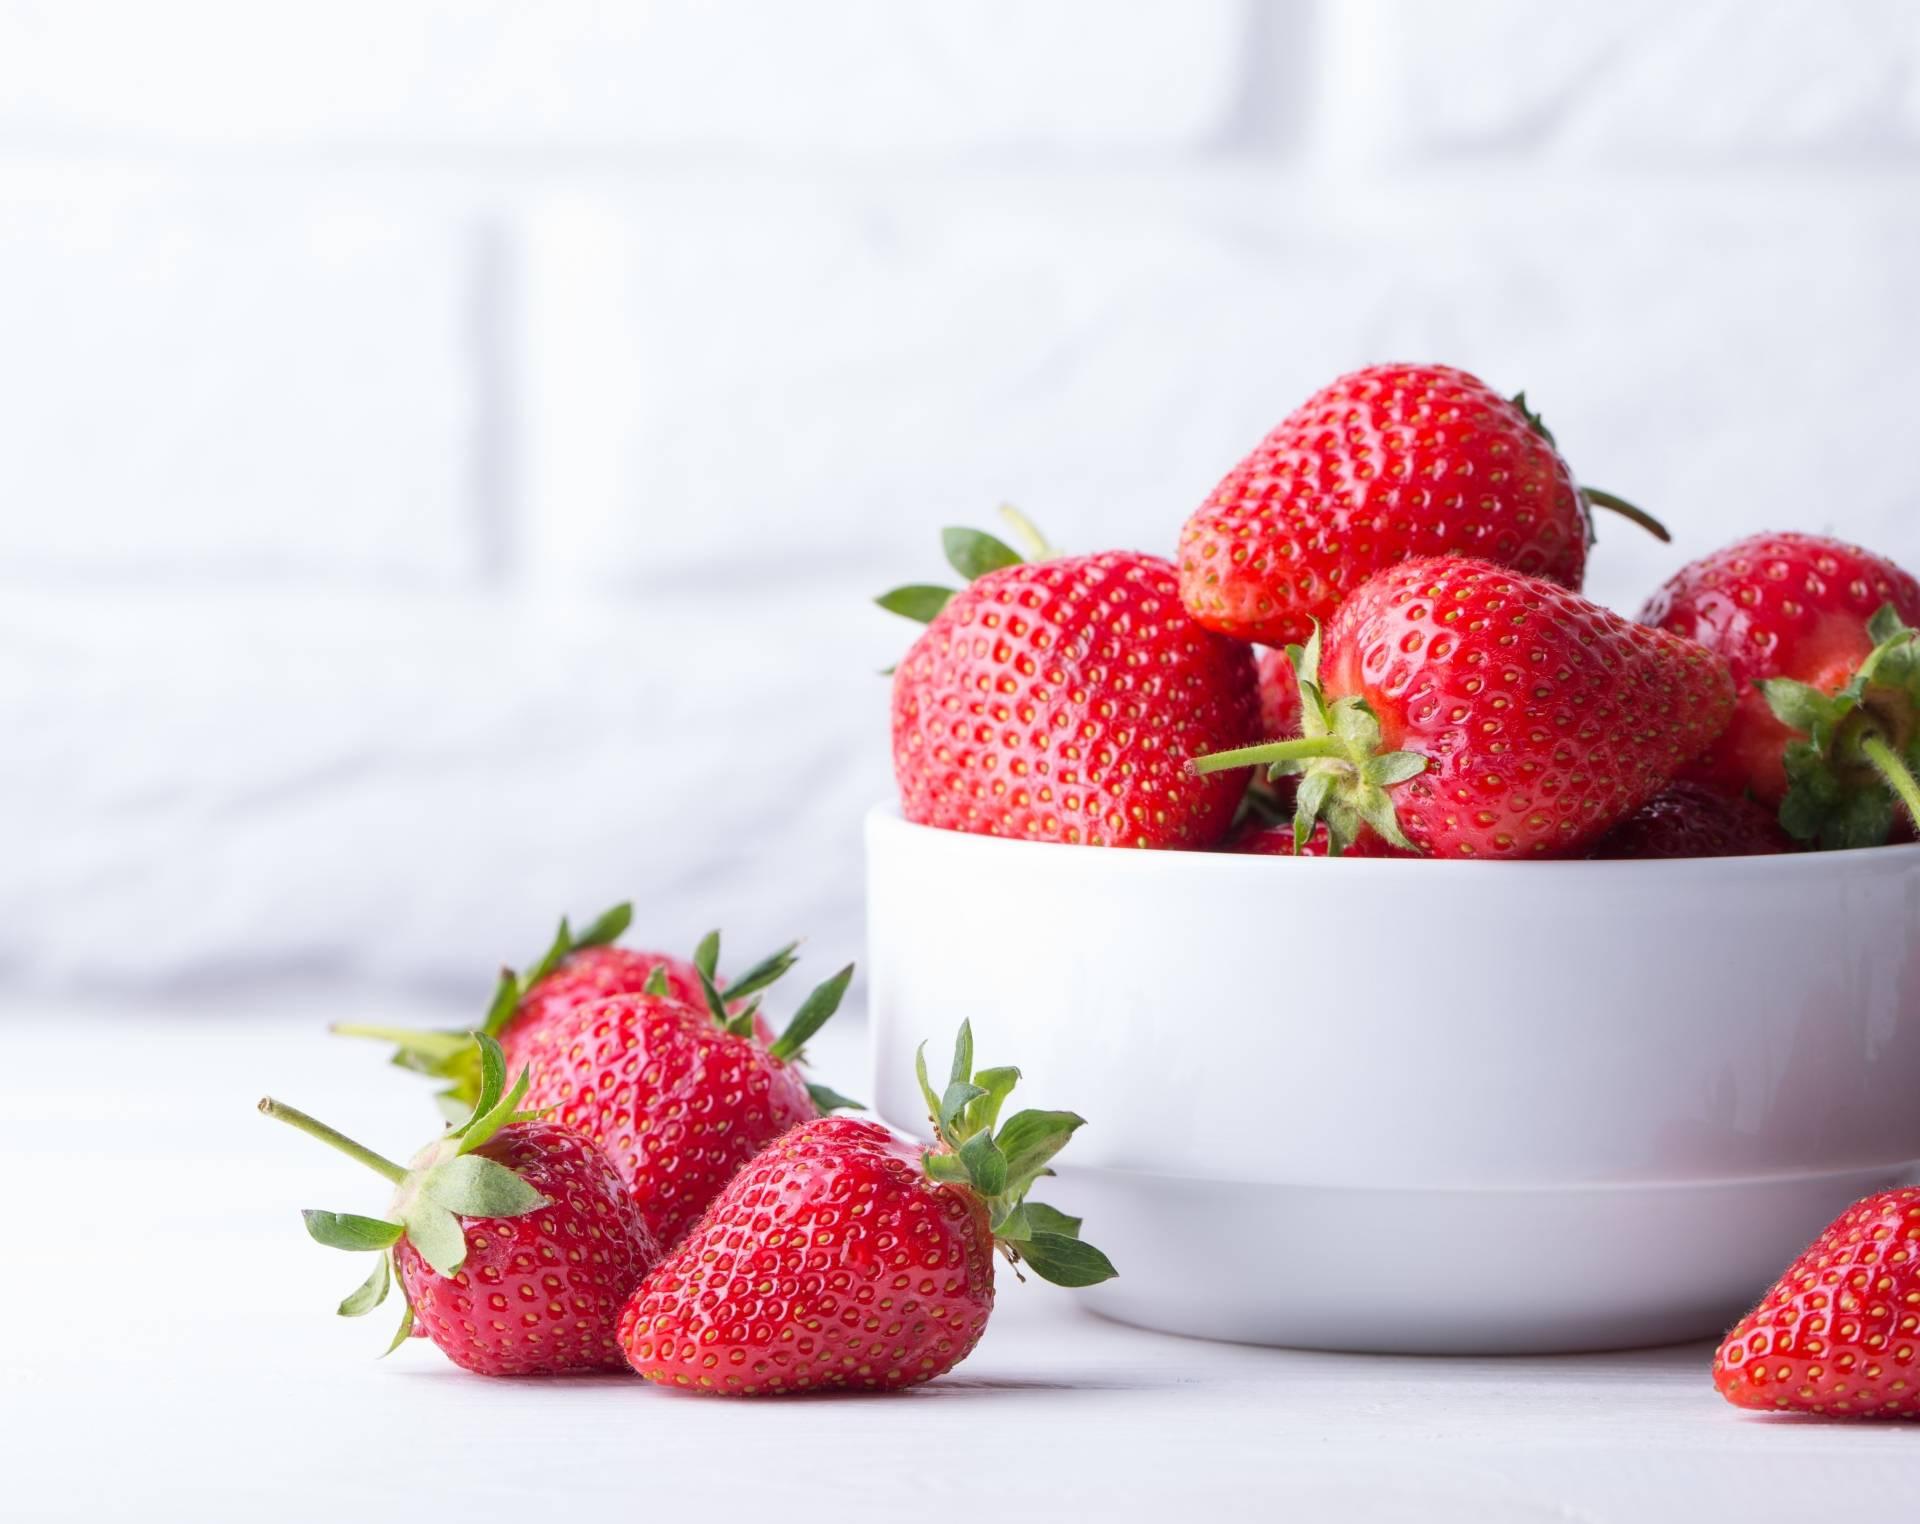 Truskawki - przepisy na letnie dania. Truskawki w białej misce na białym tle.